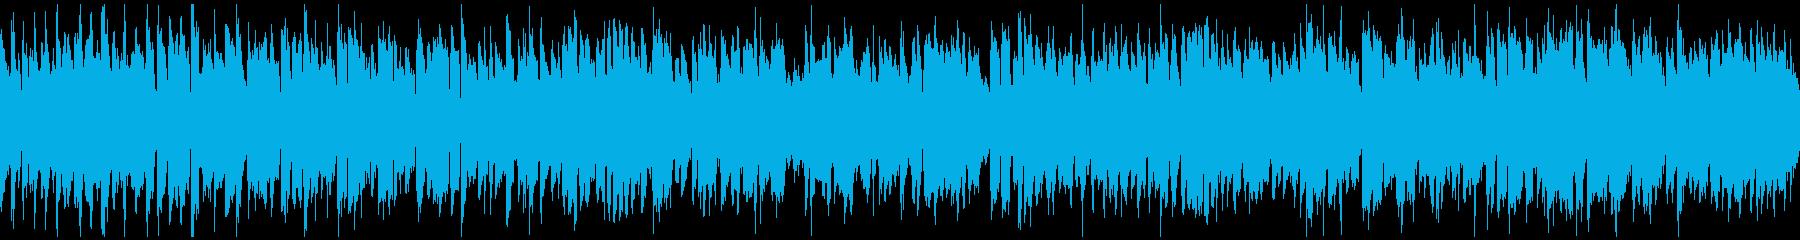 元気いっぱいポップなリコーダー※ループ版の再生済みの波形